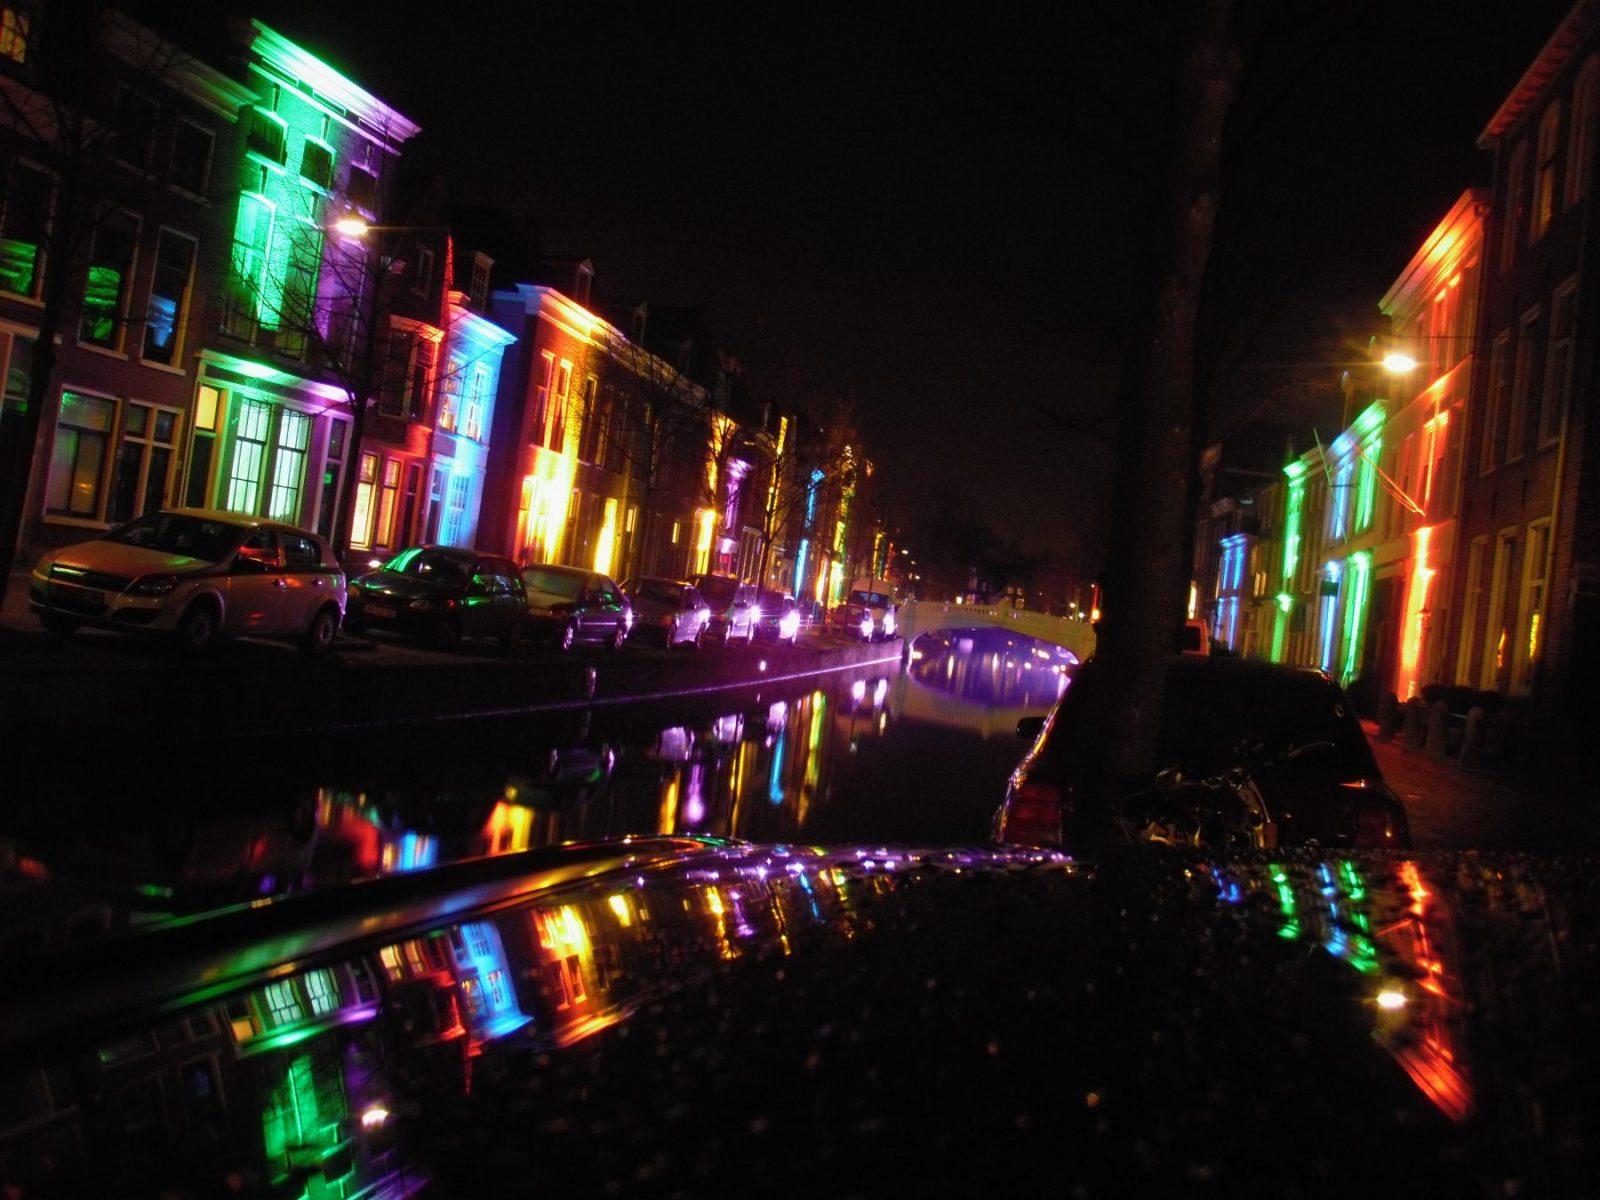 Lichtjesavond_Delft